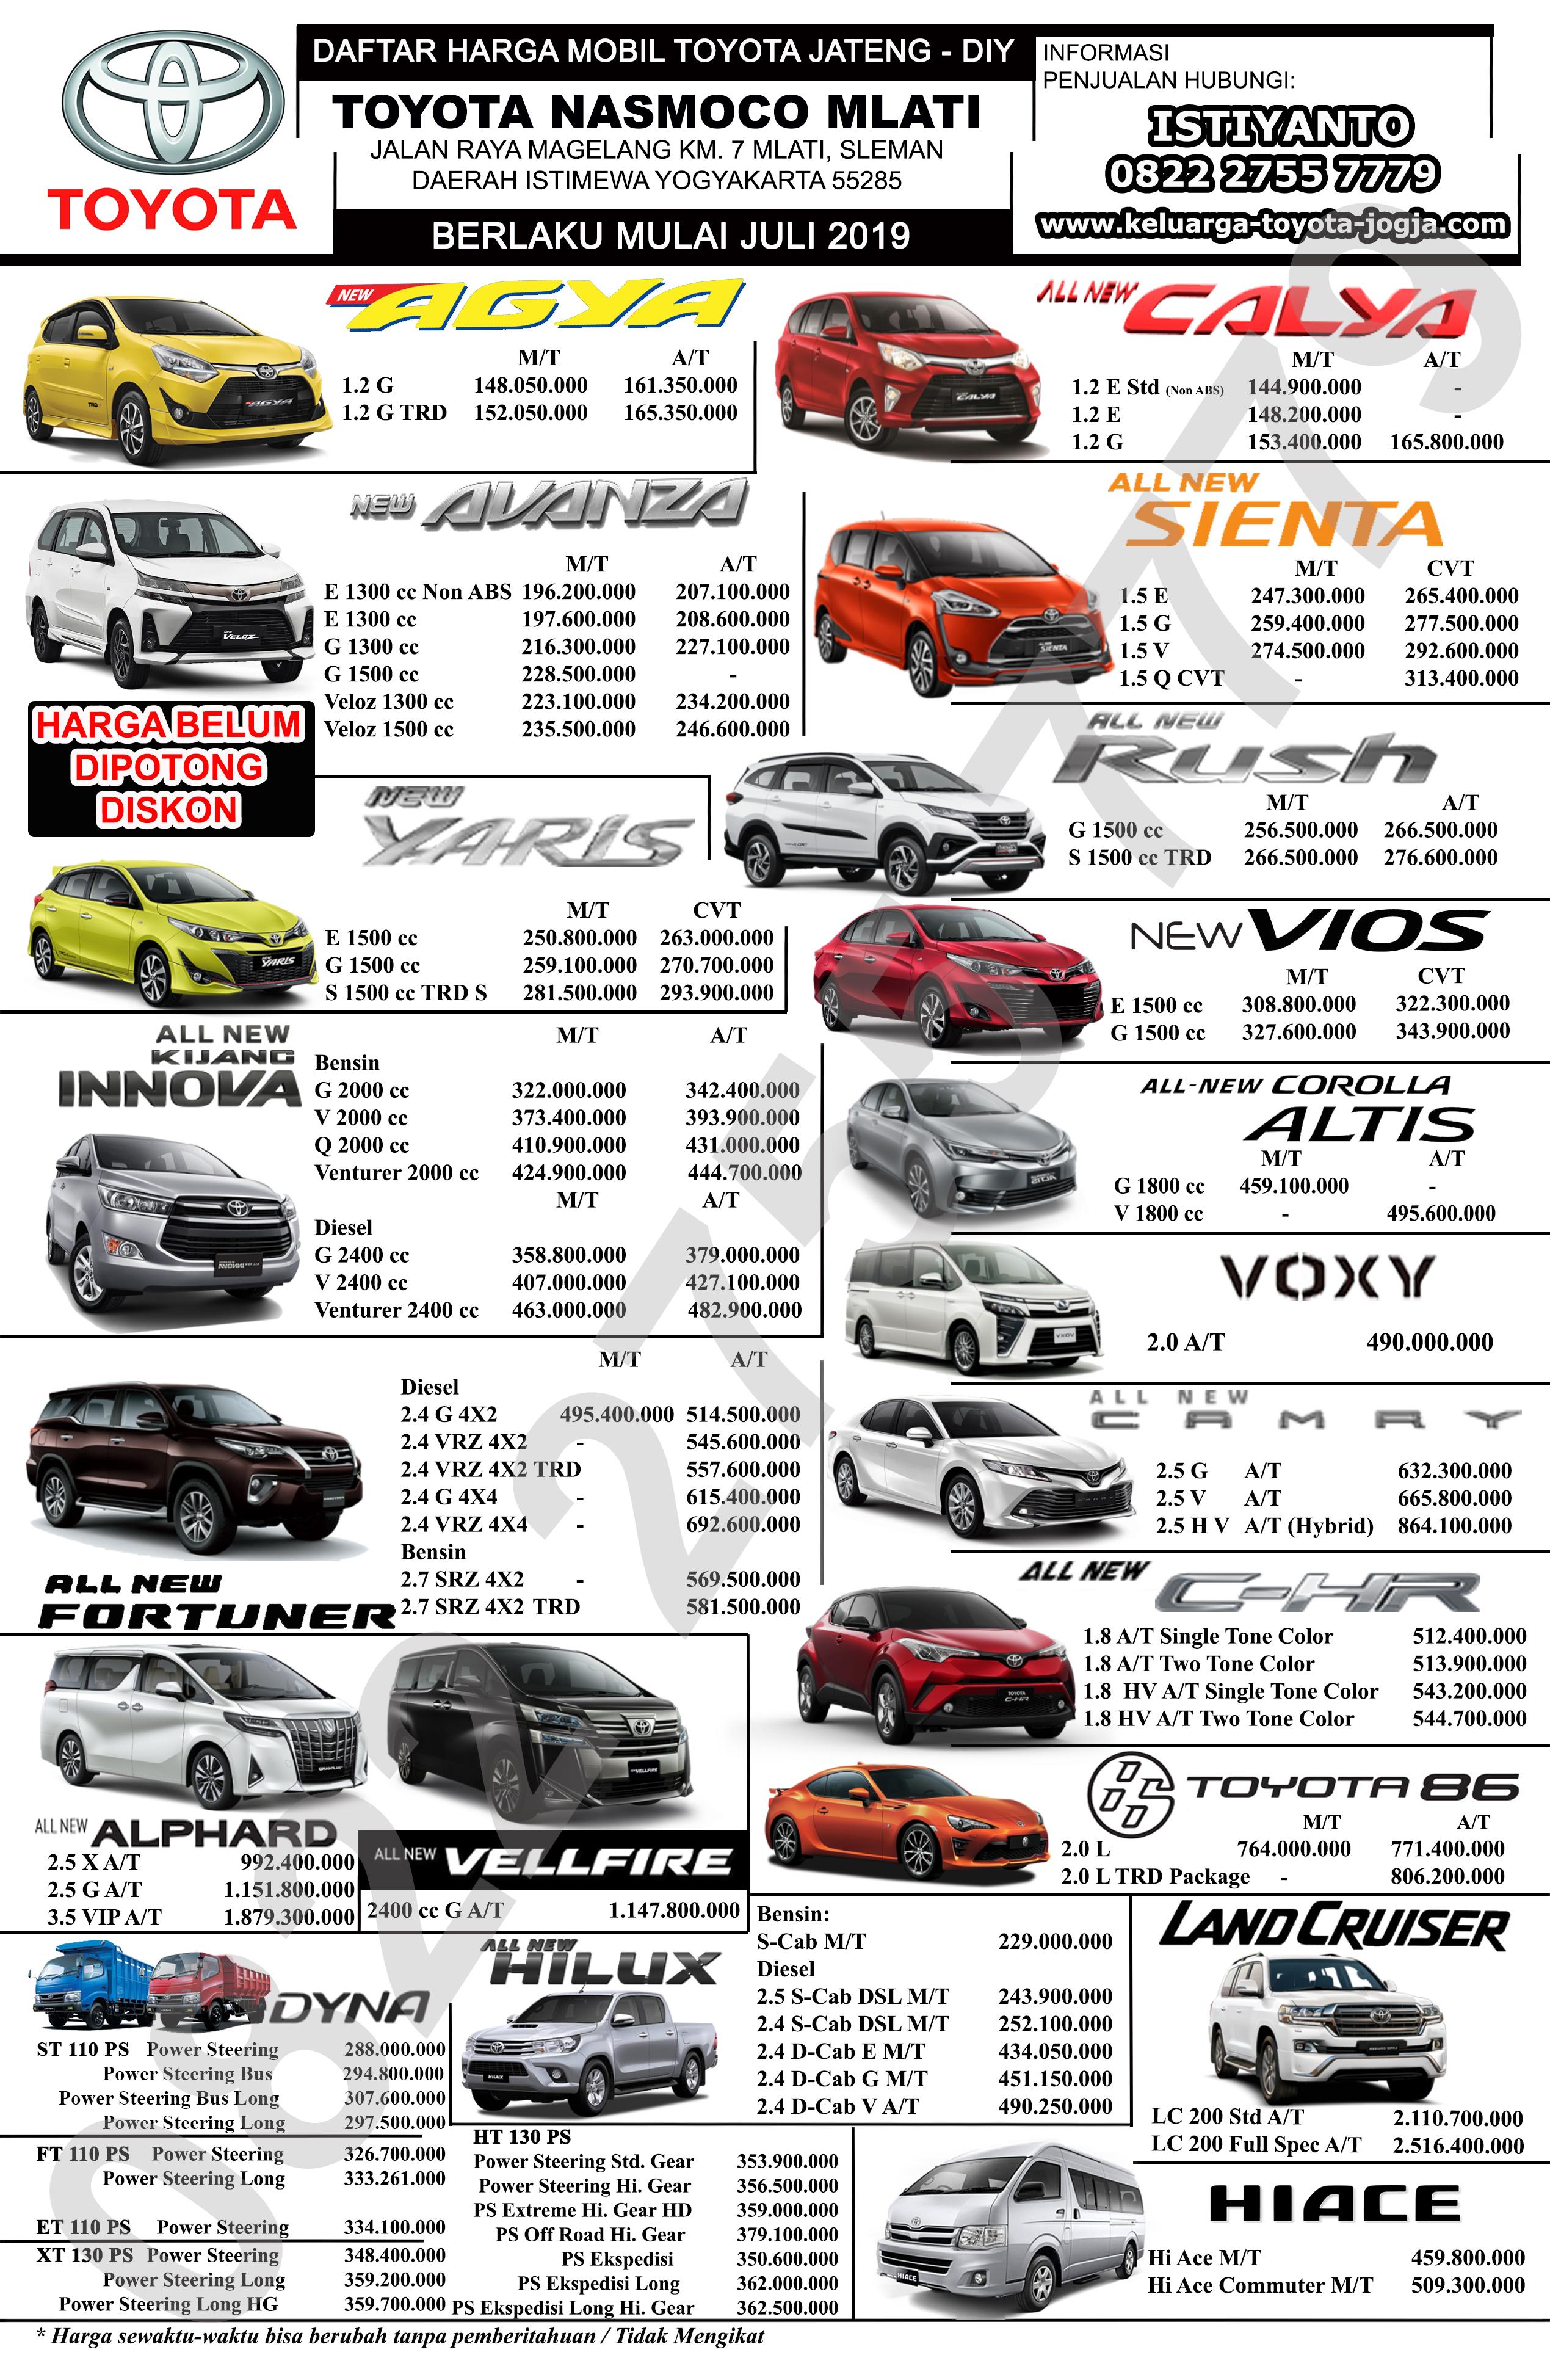 Kelebihan Kekurangan Daftar Harga Toyota Perbandingan Harga